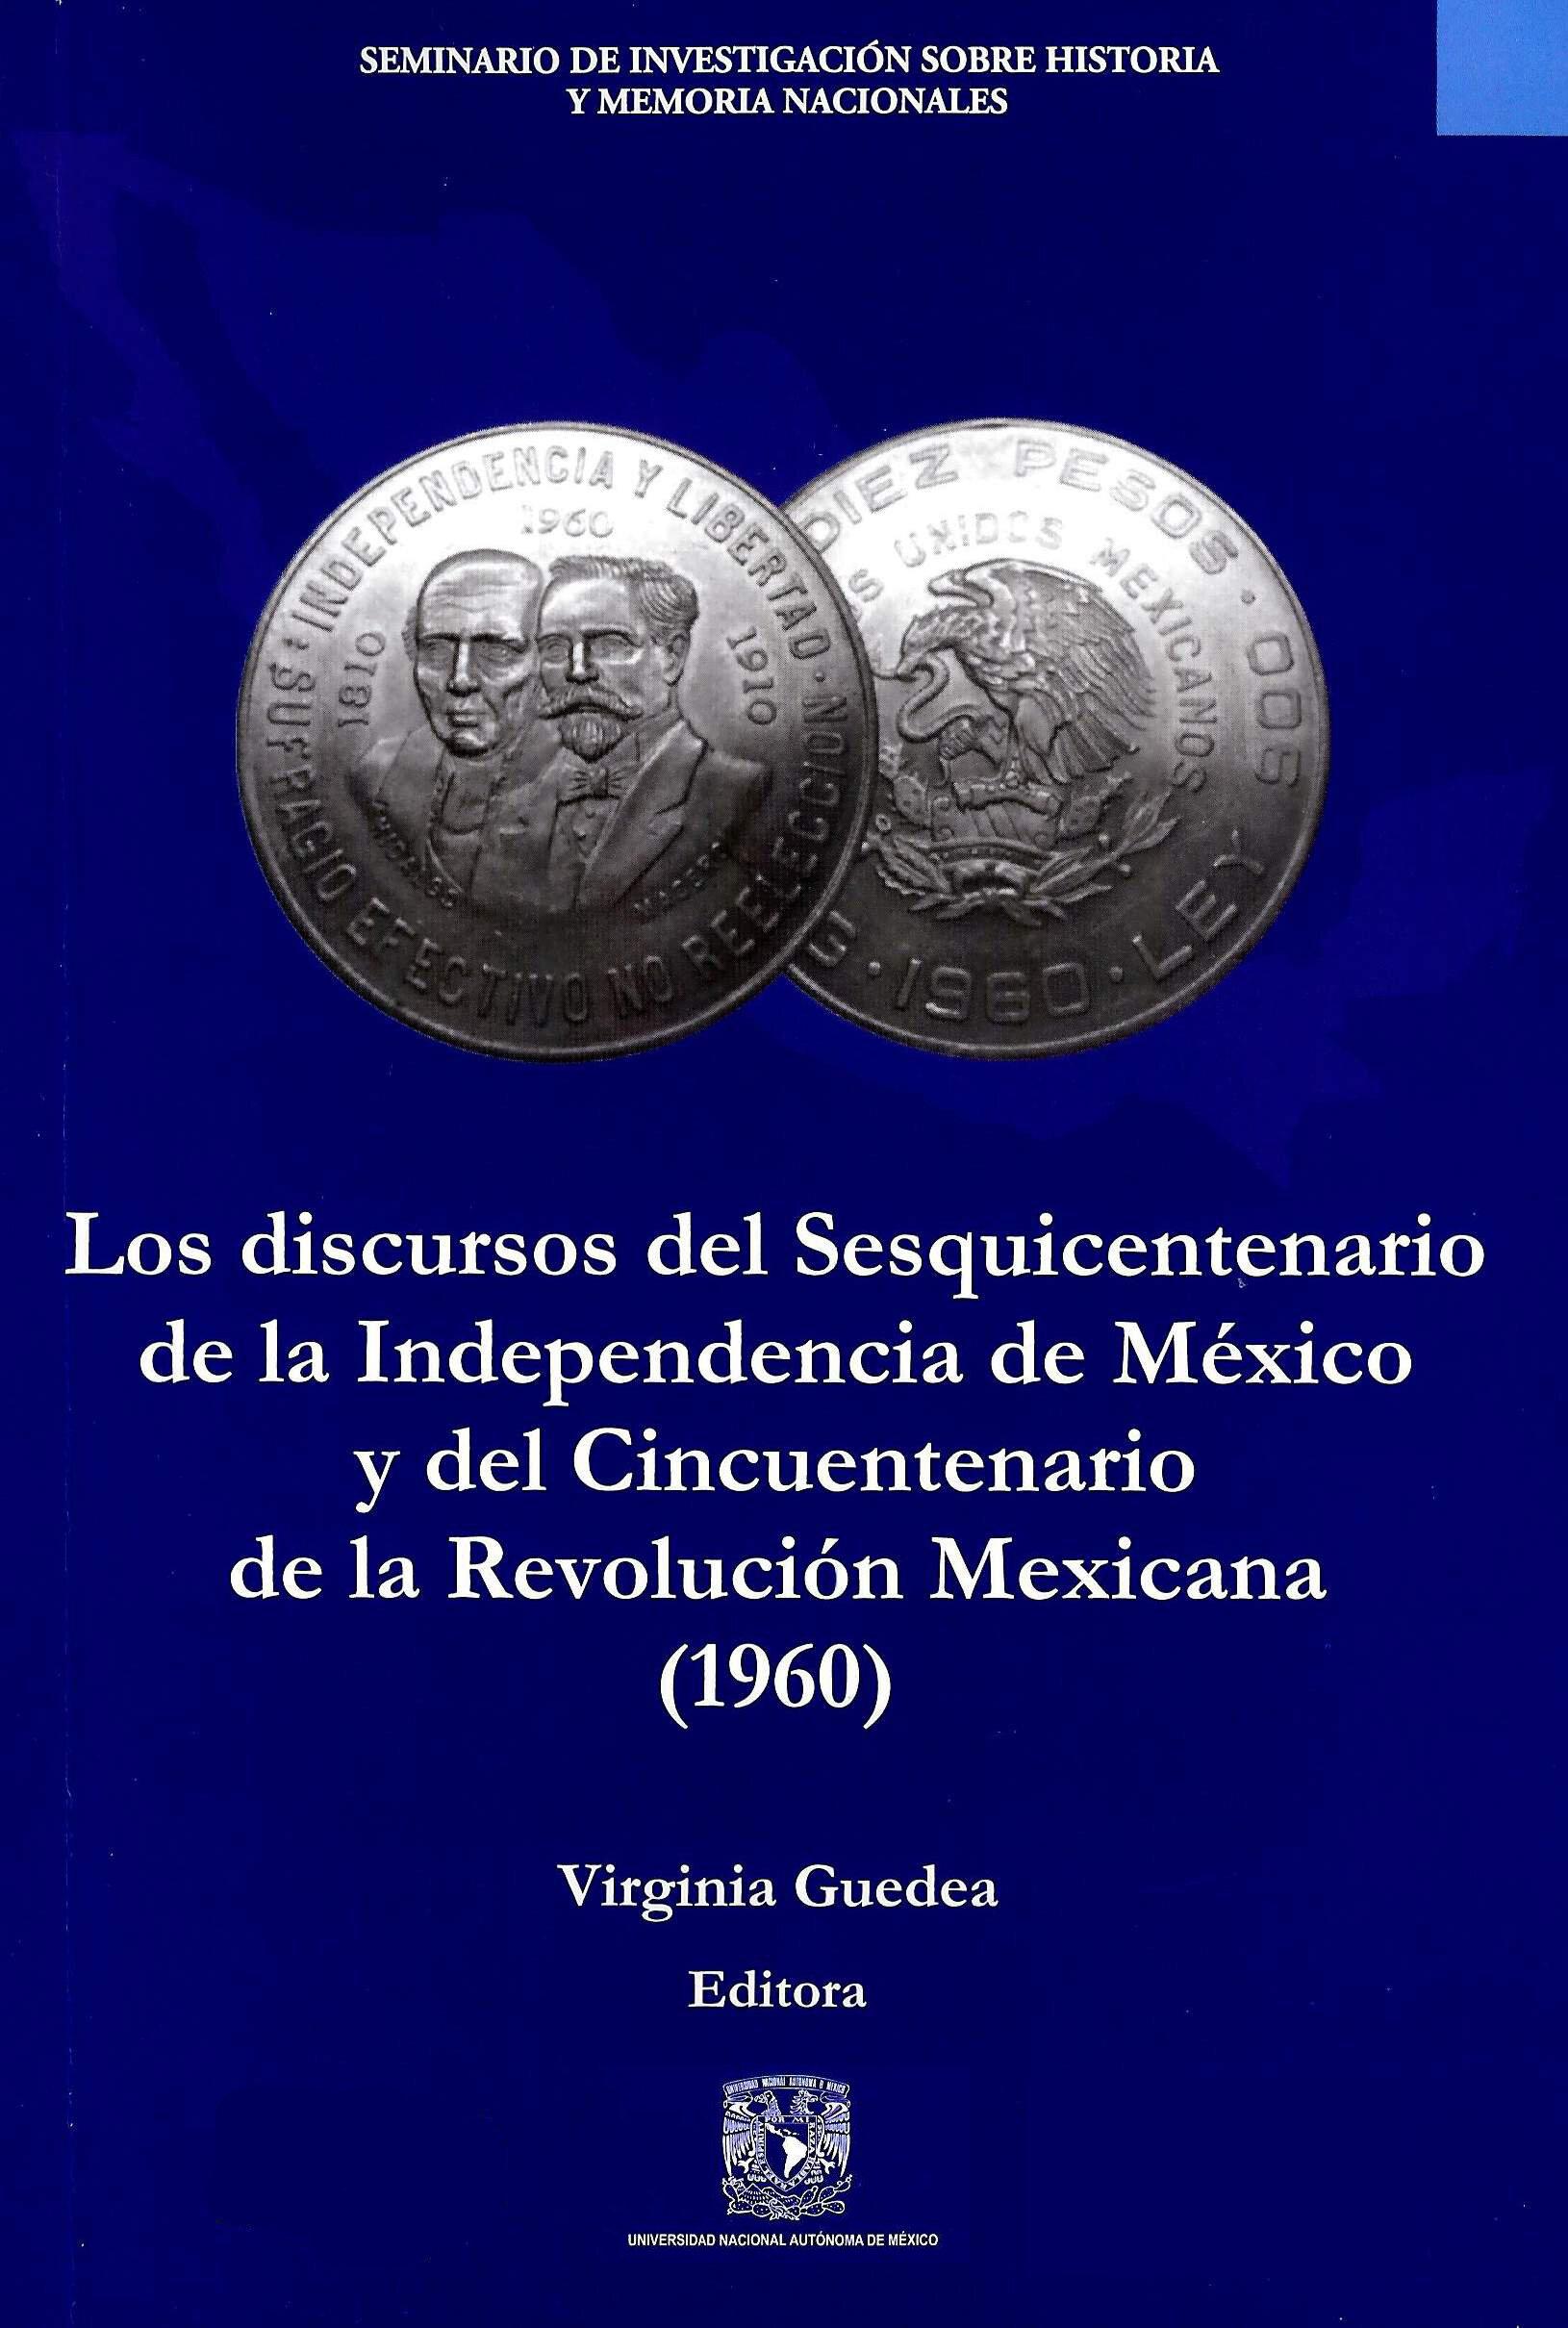 Los discursos del Sesquicentenario de la Independencia de México y del Cincuentenario de la